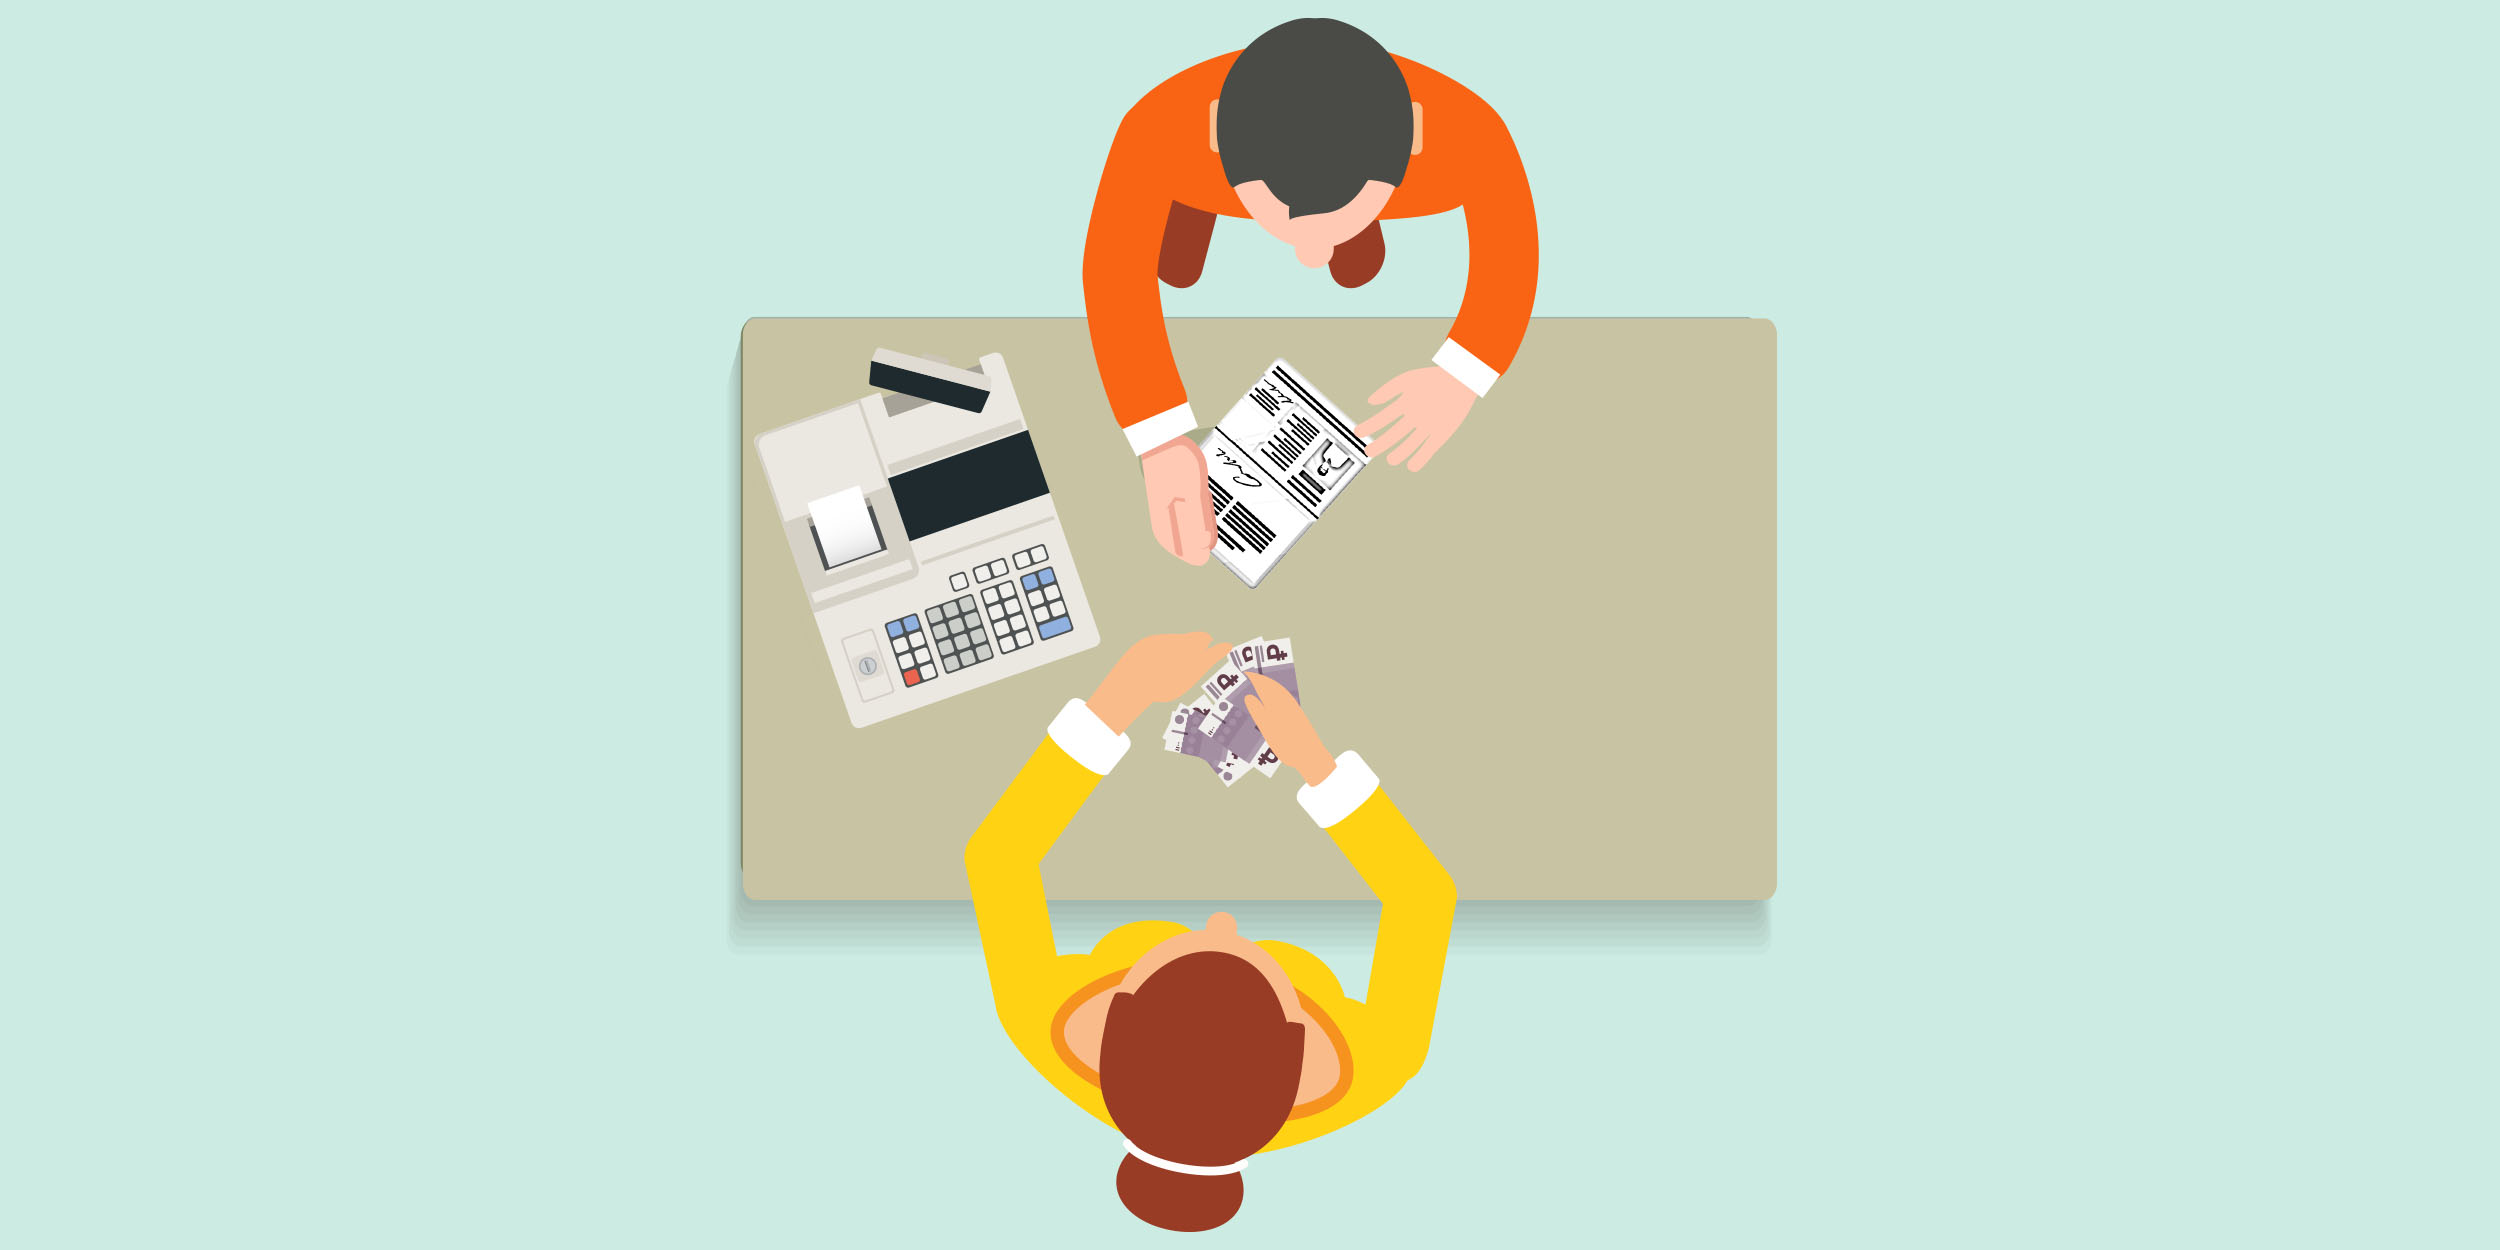 Альфа банк кредитная карта стандарт условия